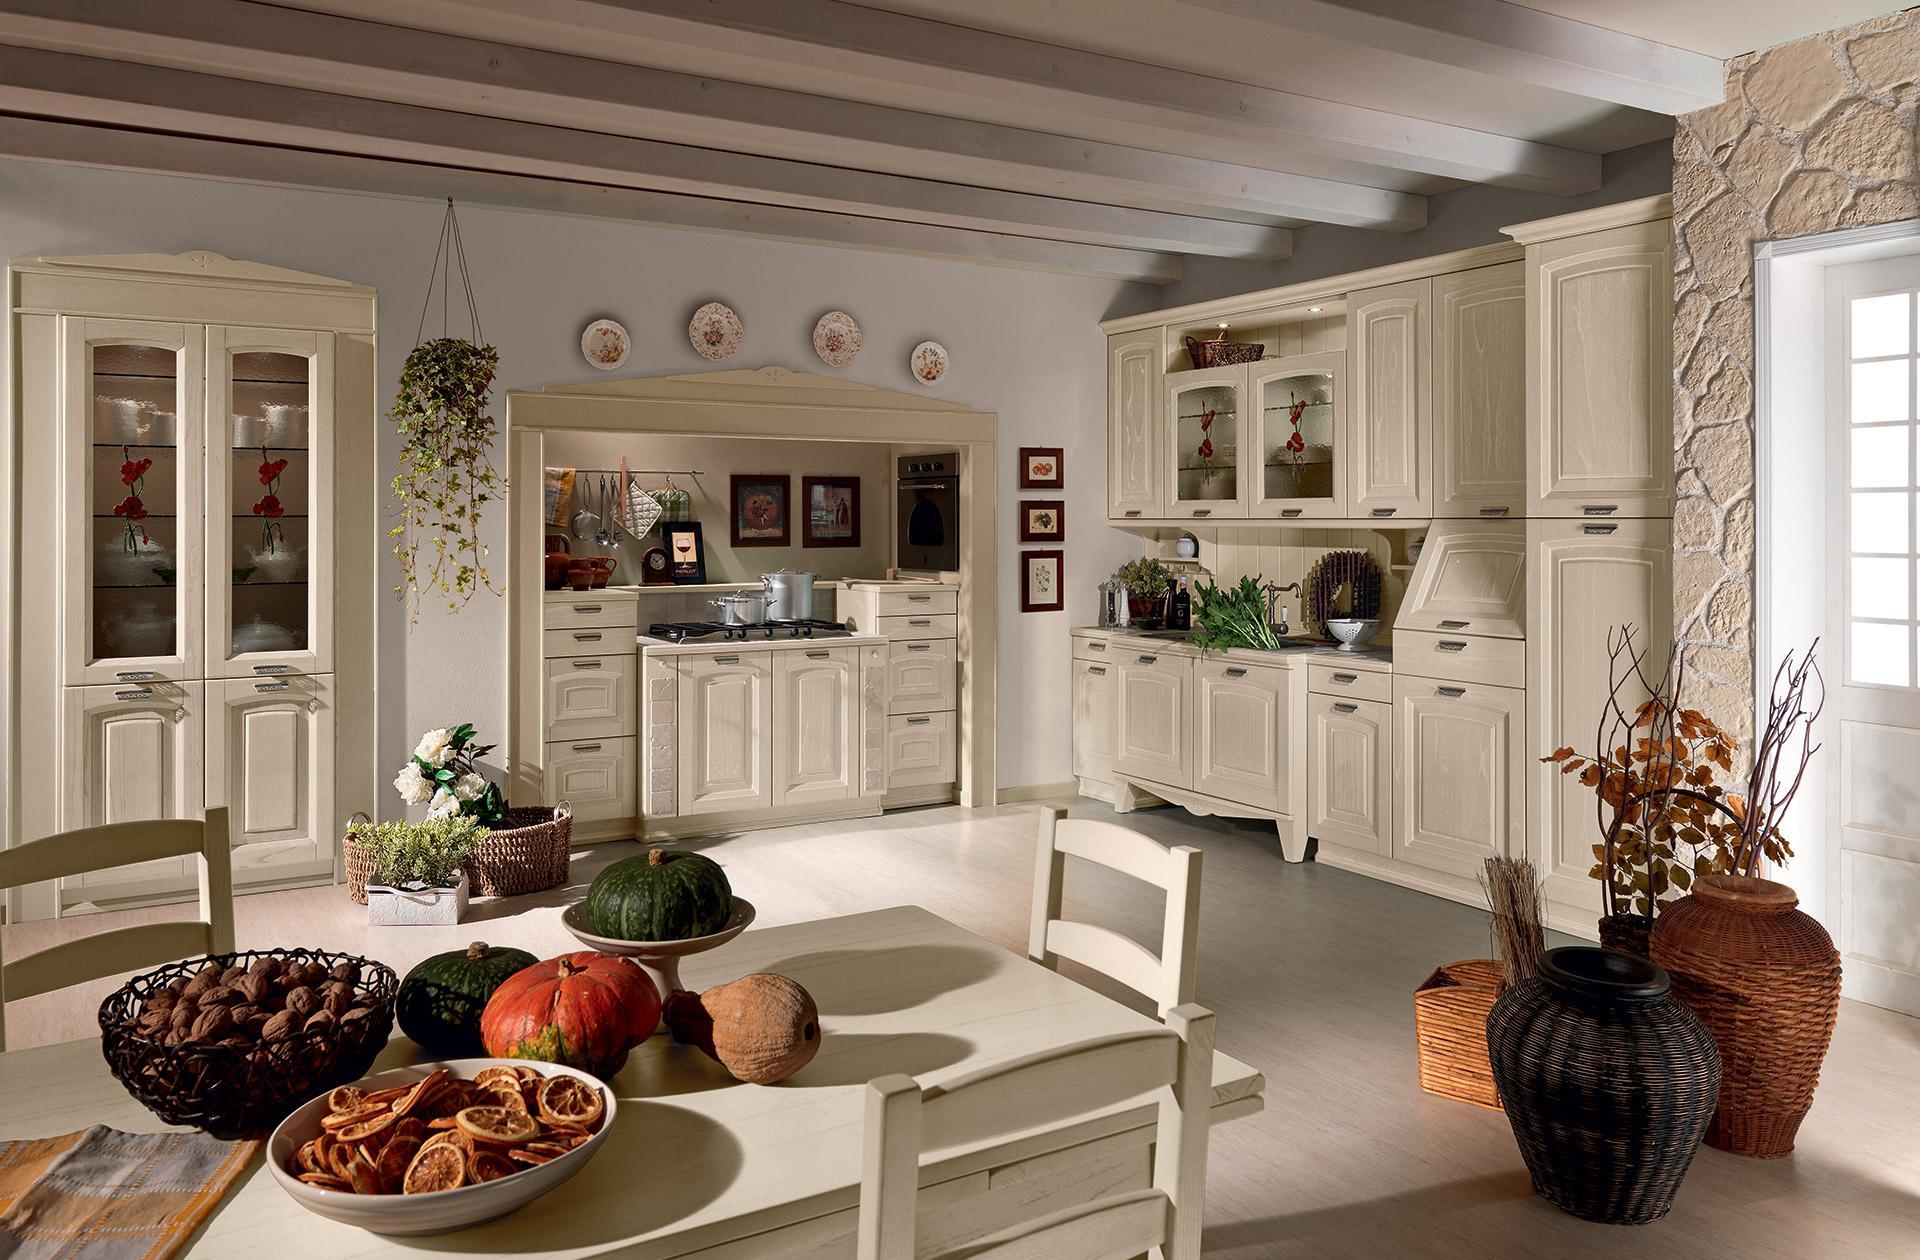 Catalogo Cucine Classiche Moderne.Cucina Ducale Cucine Classiche Astra